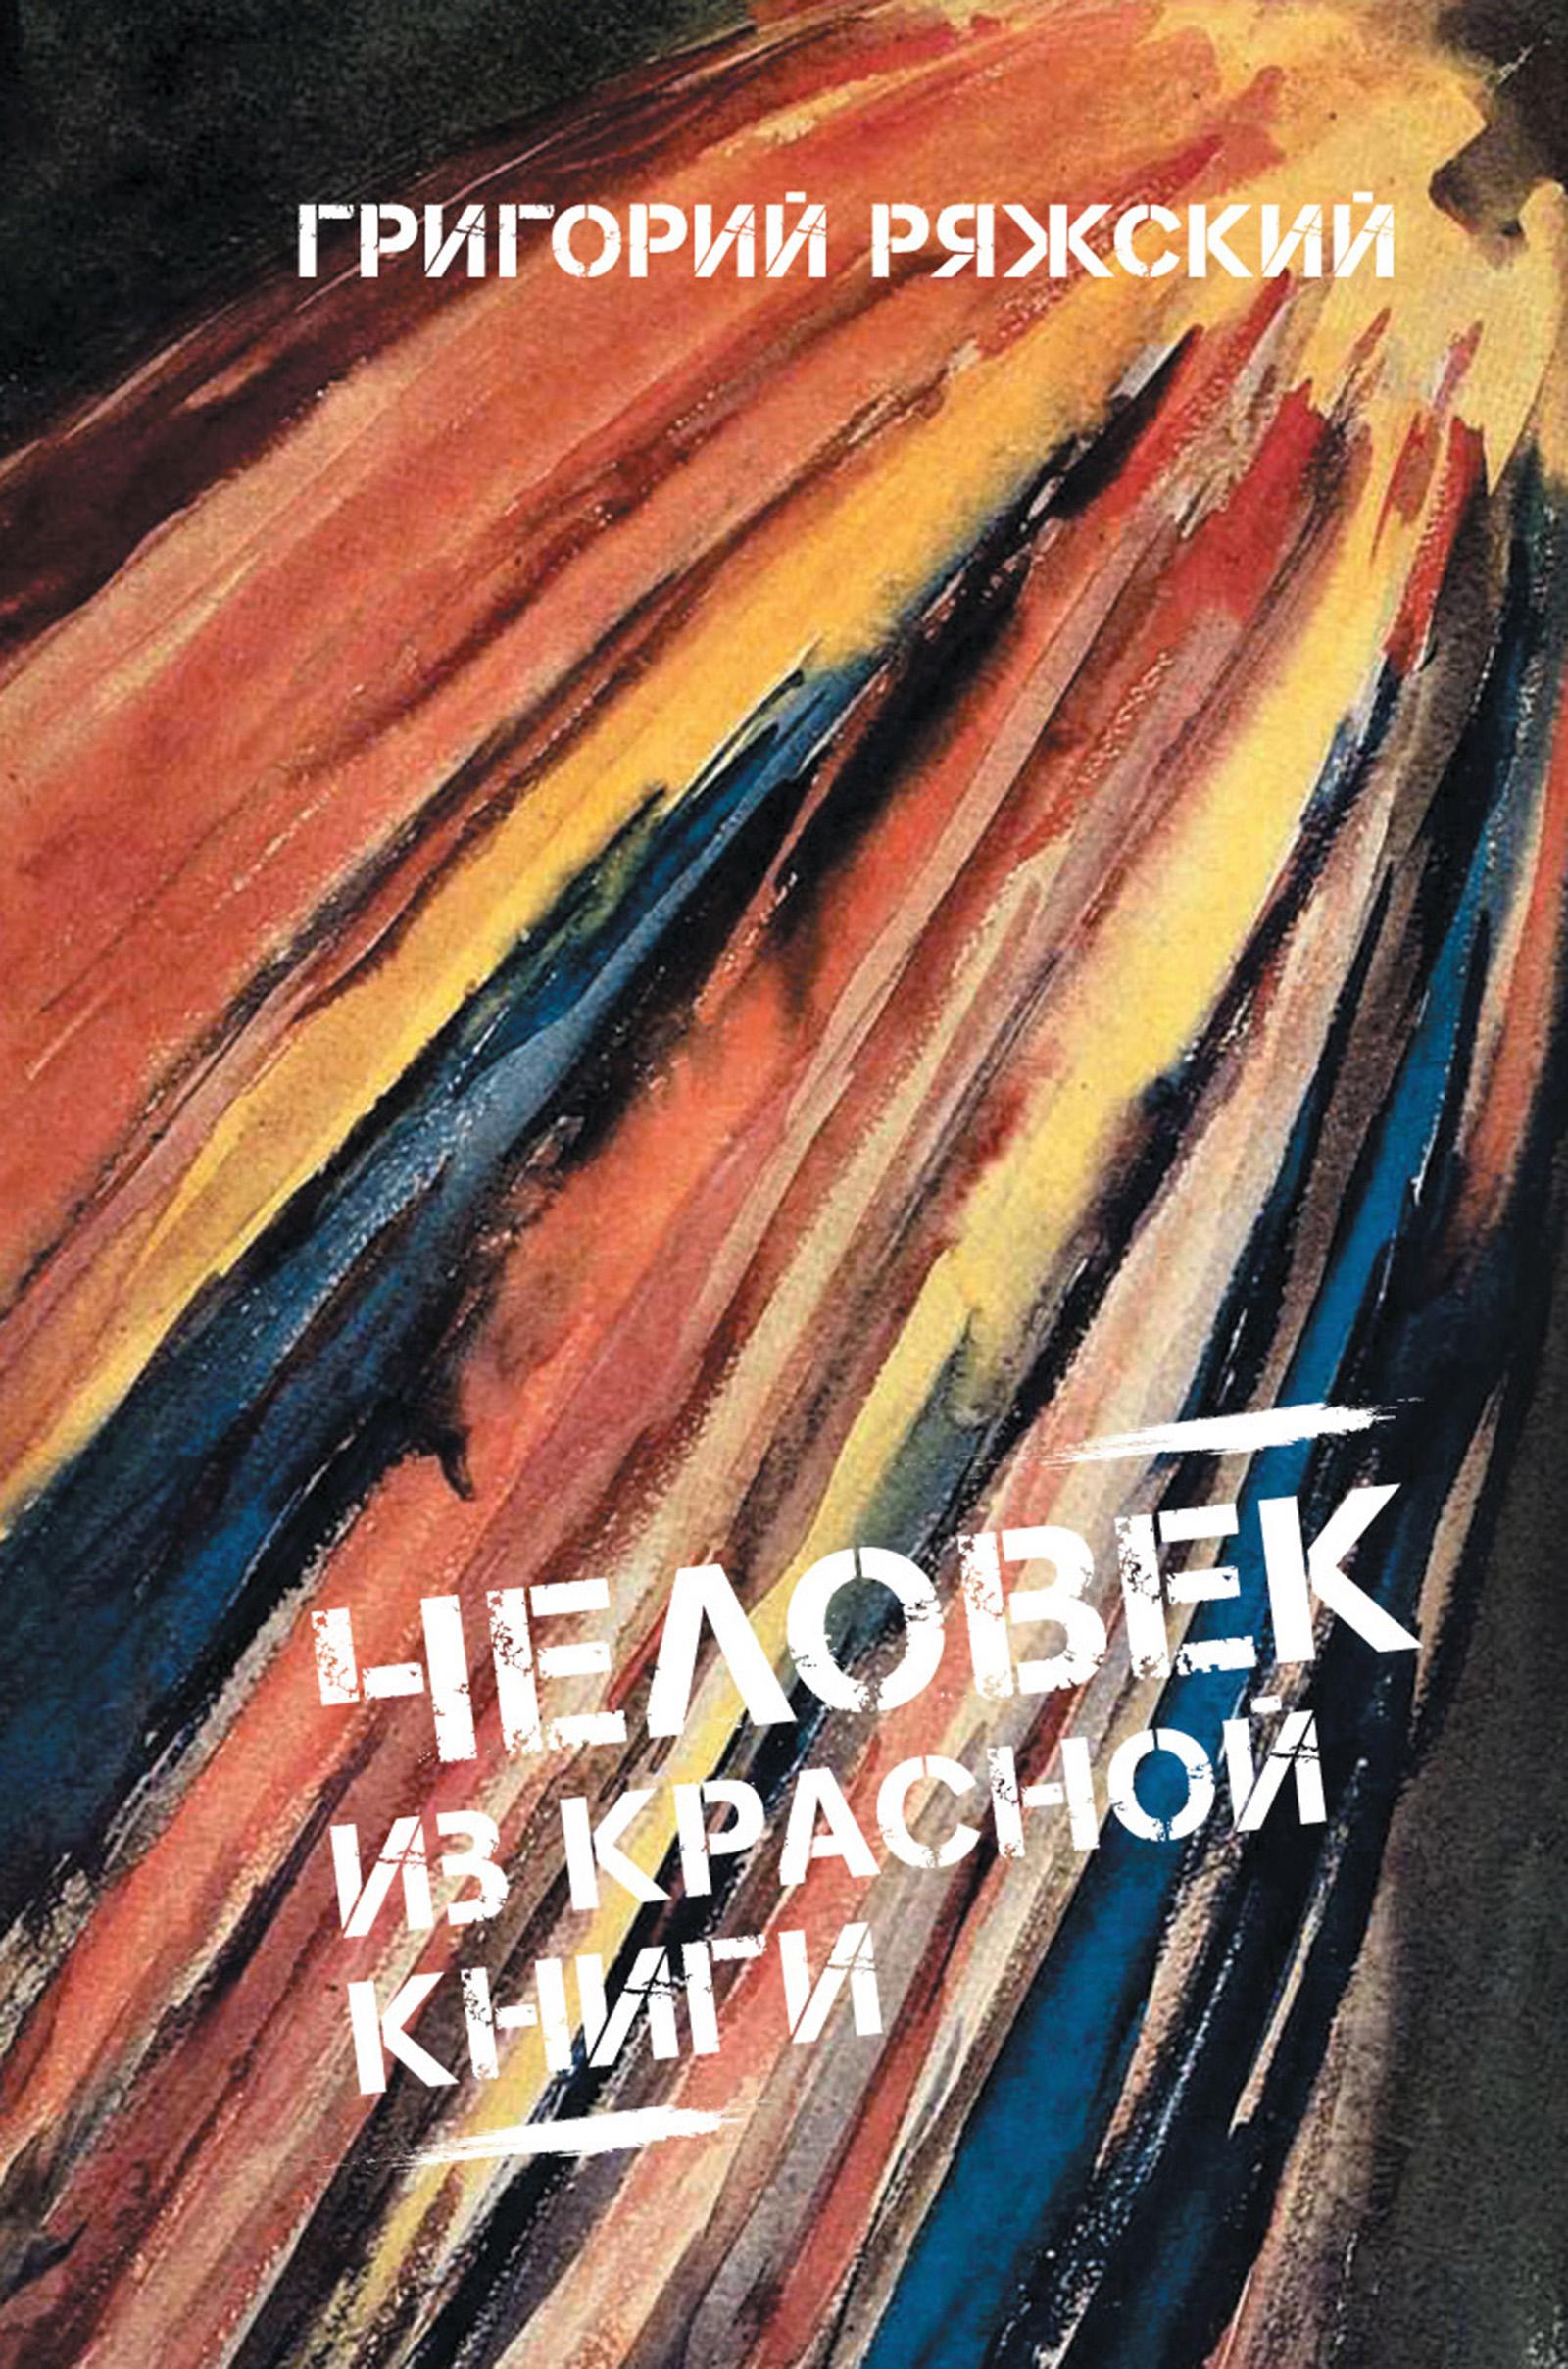 Григорий Ряжский Человек из красной книги азбукварик смартфончик чьи домишки чьи детишки